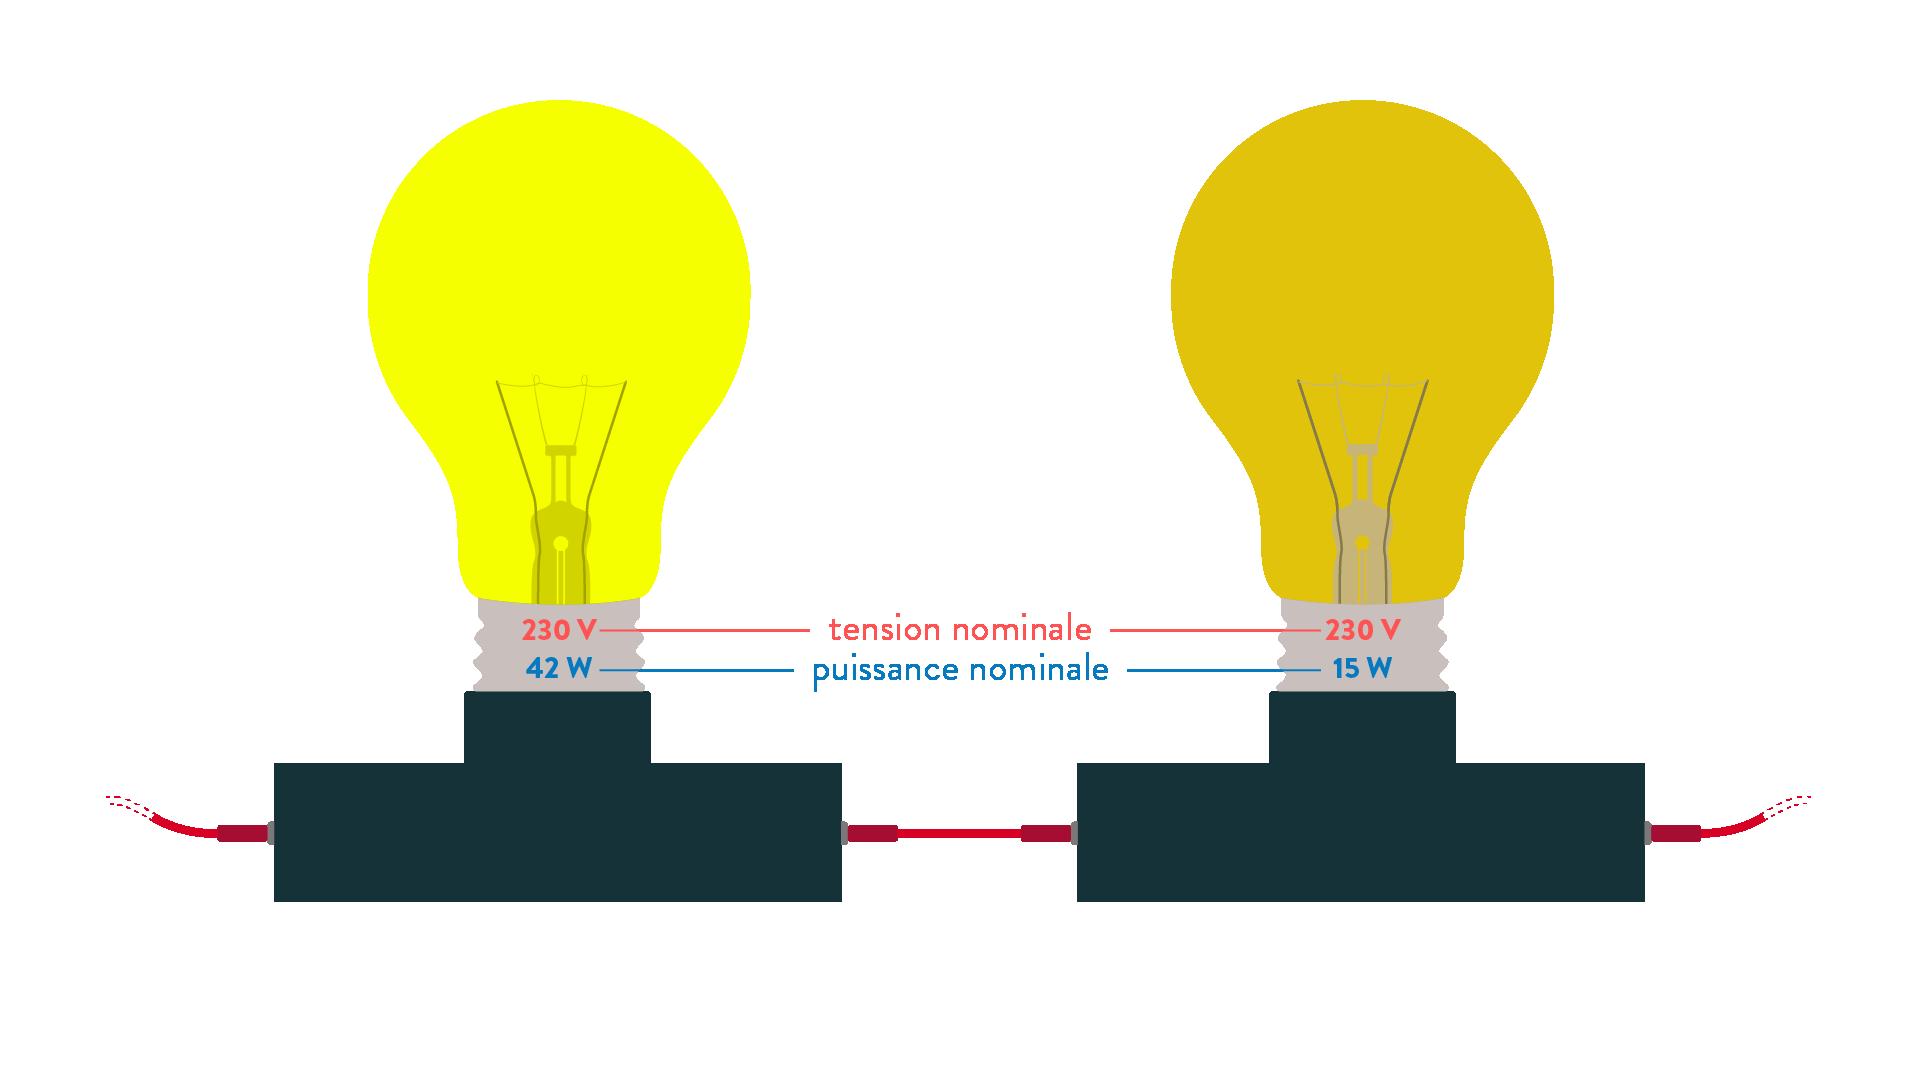 lampes, puissances et tensions nominales